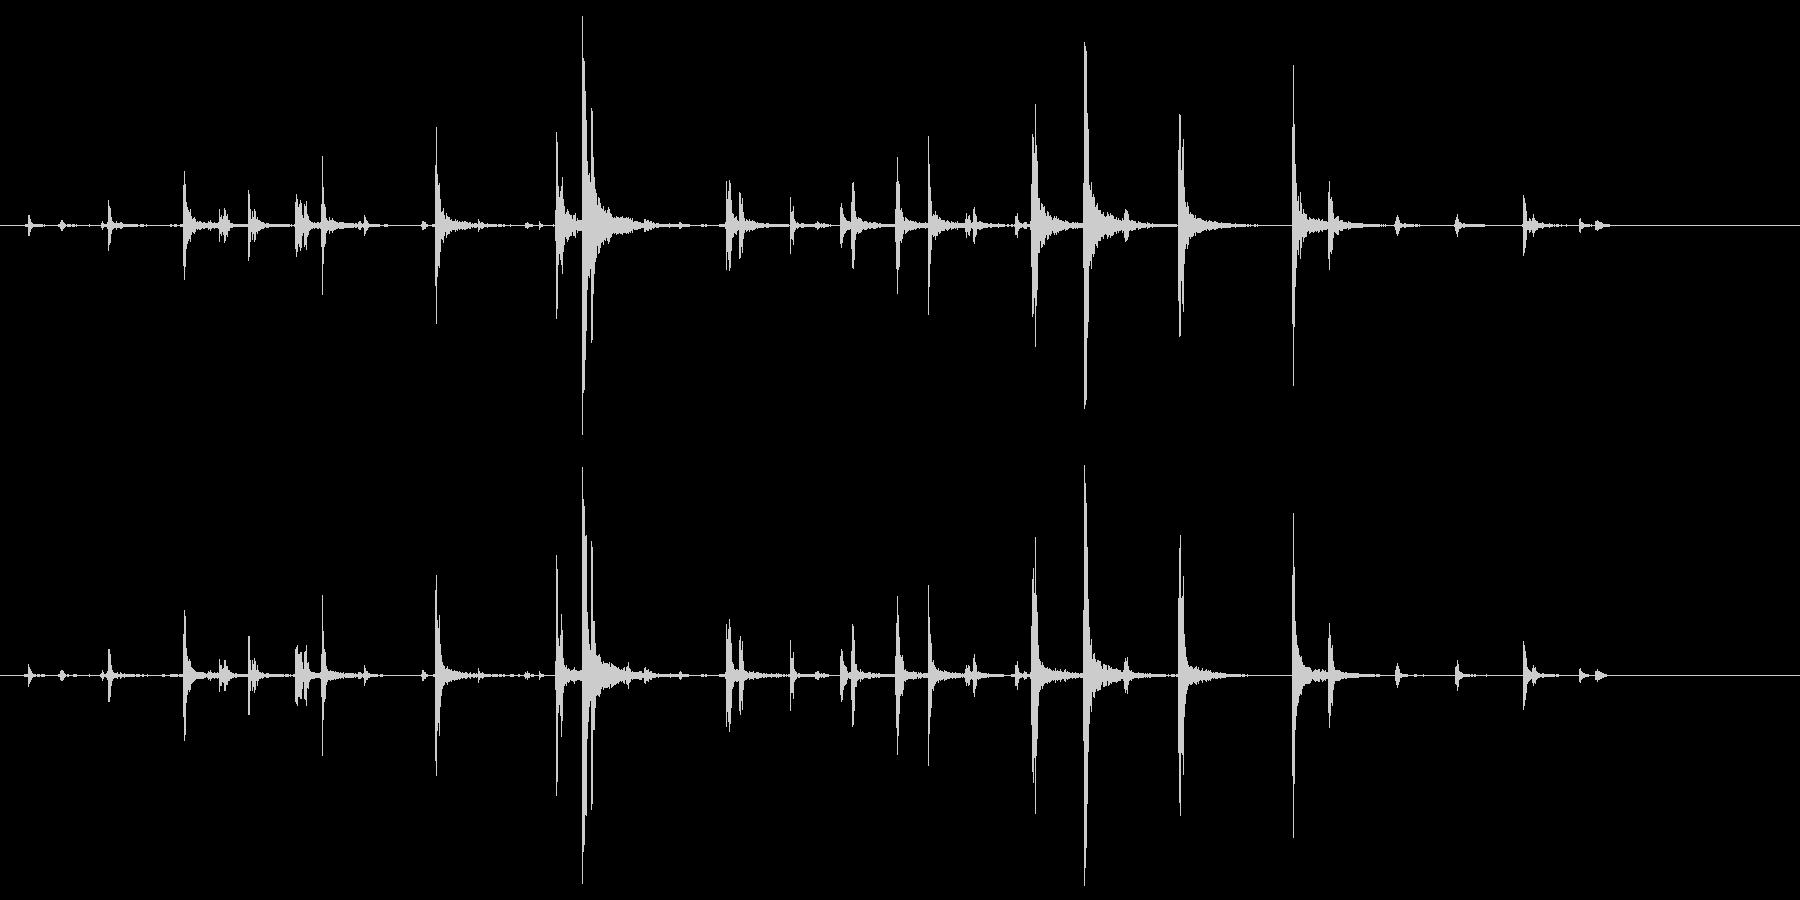 皿 (細かく当たってる風)カチャチャッ…の未再生の波形